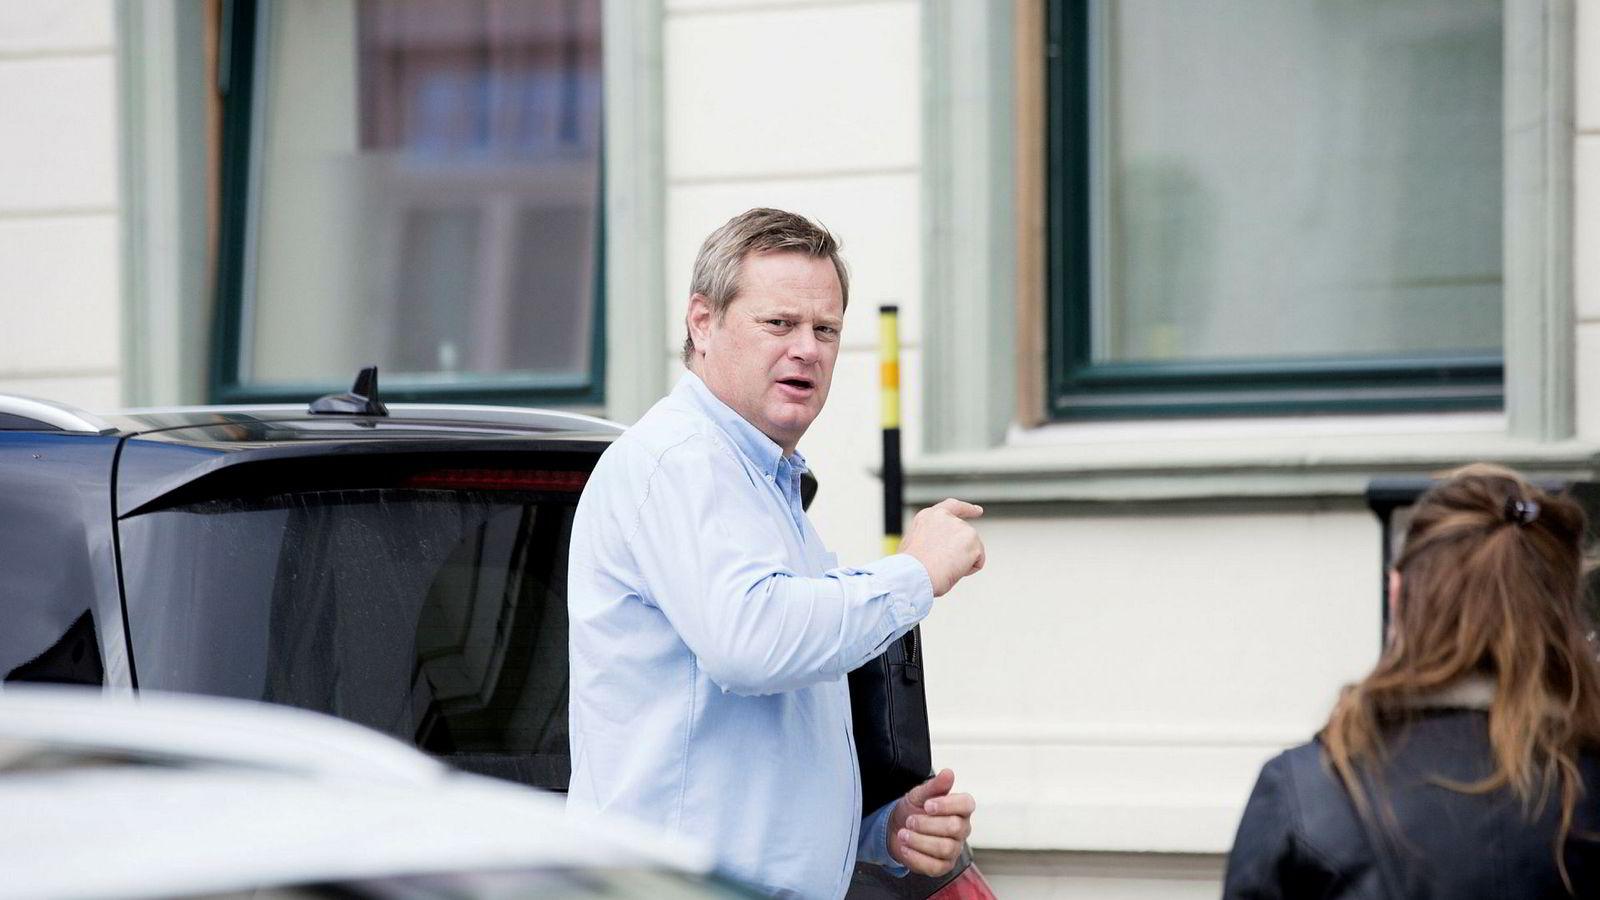 Nasdaq Clearing bekrefter at det nå starter samtalene med krafttraderen Einar Aas i et forsøk på få tilbake mest mulig av de 1,1 milliardene selskapet tapte sist uke.